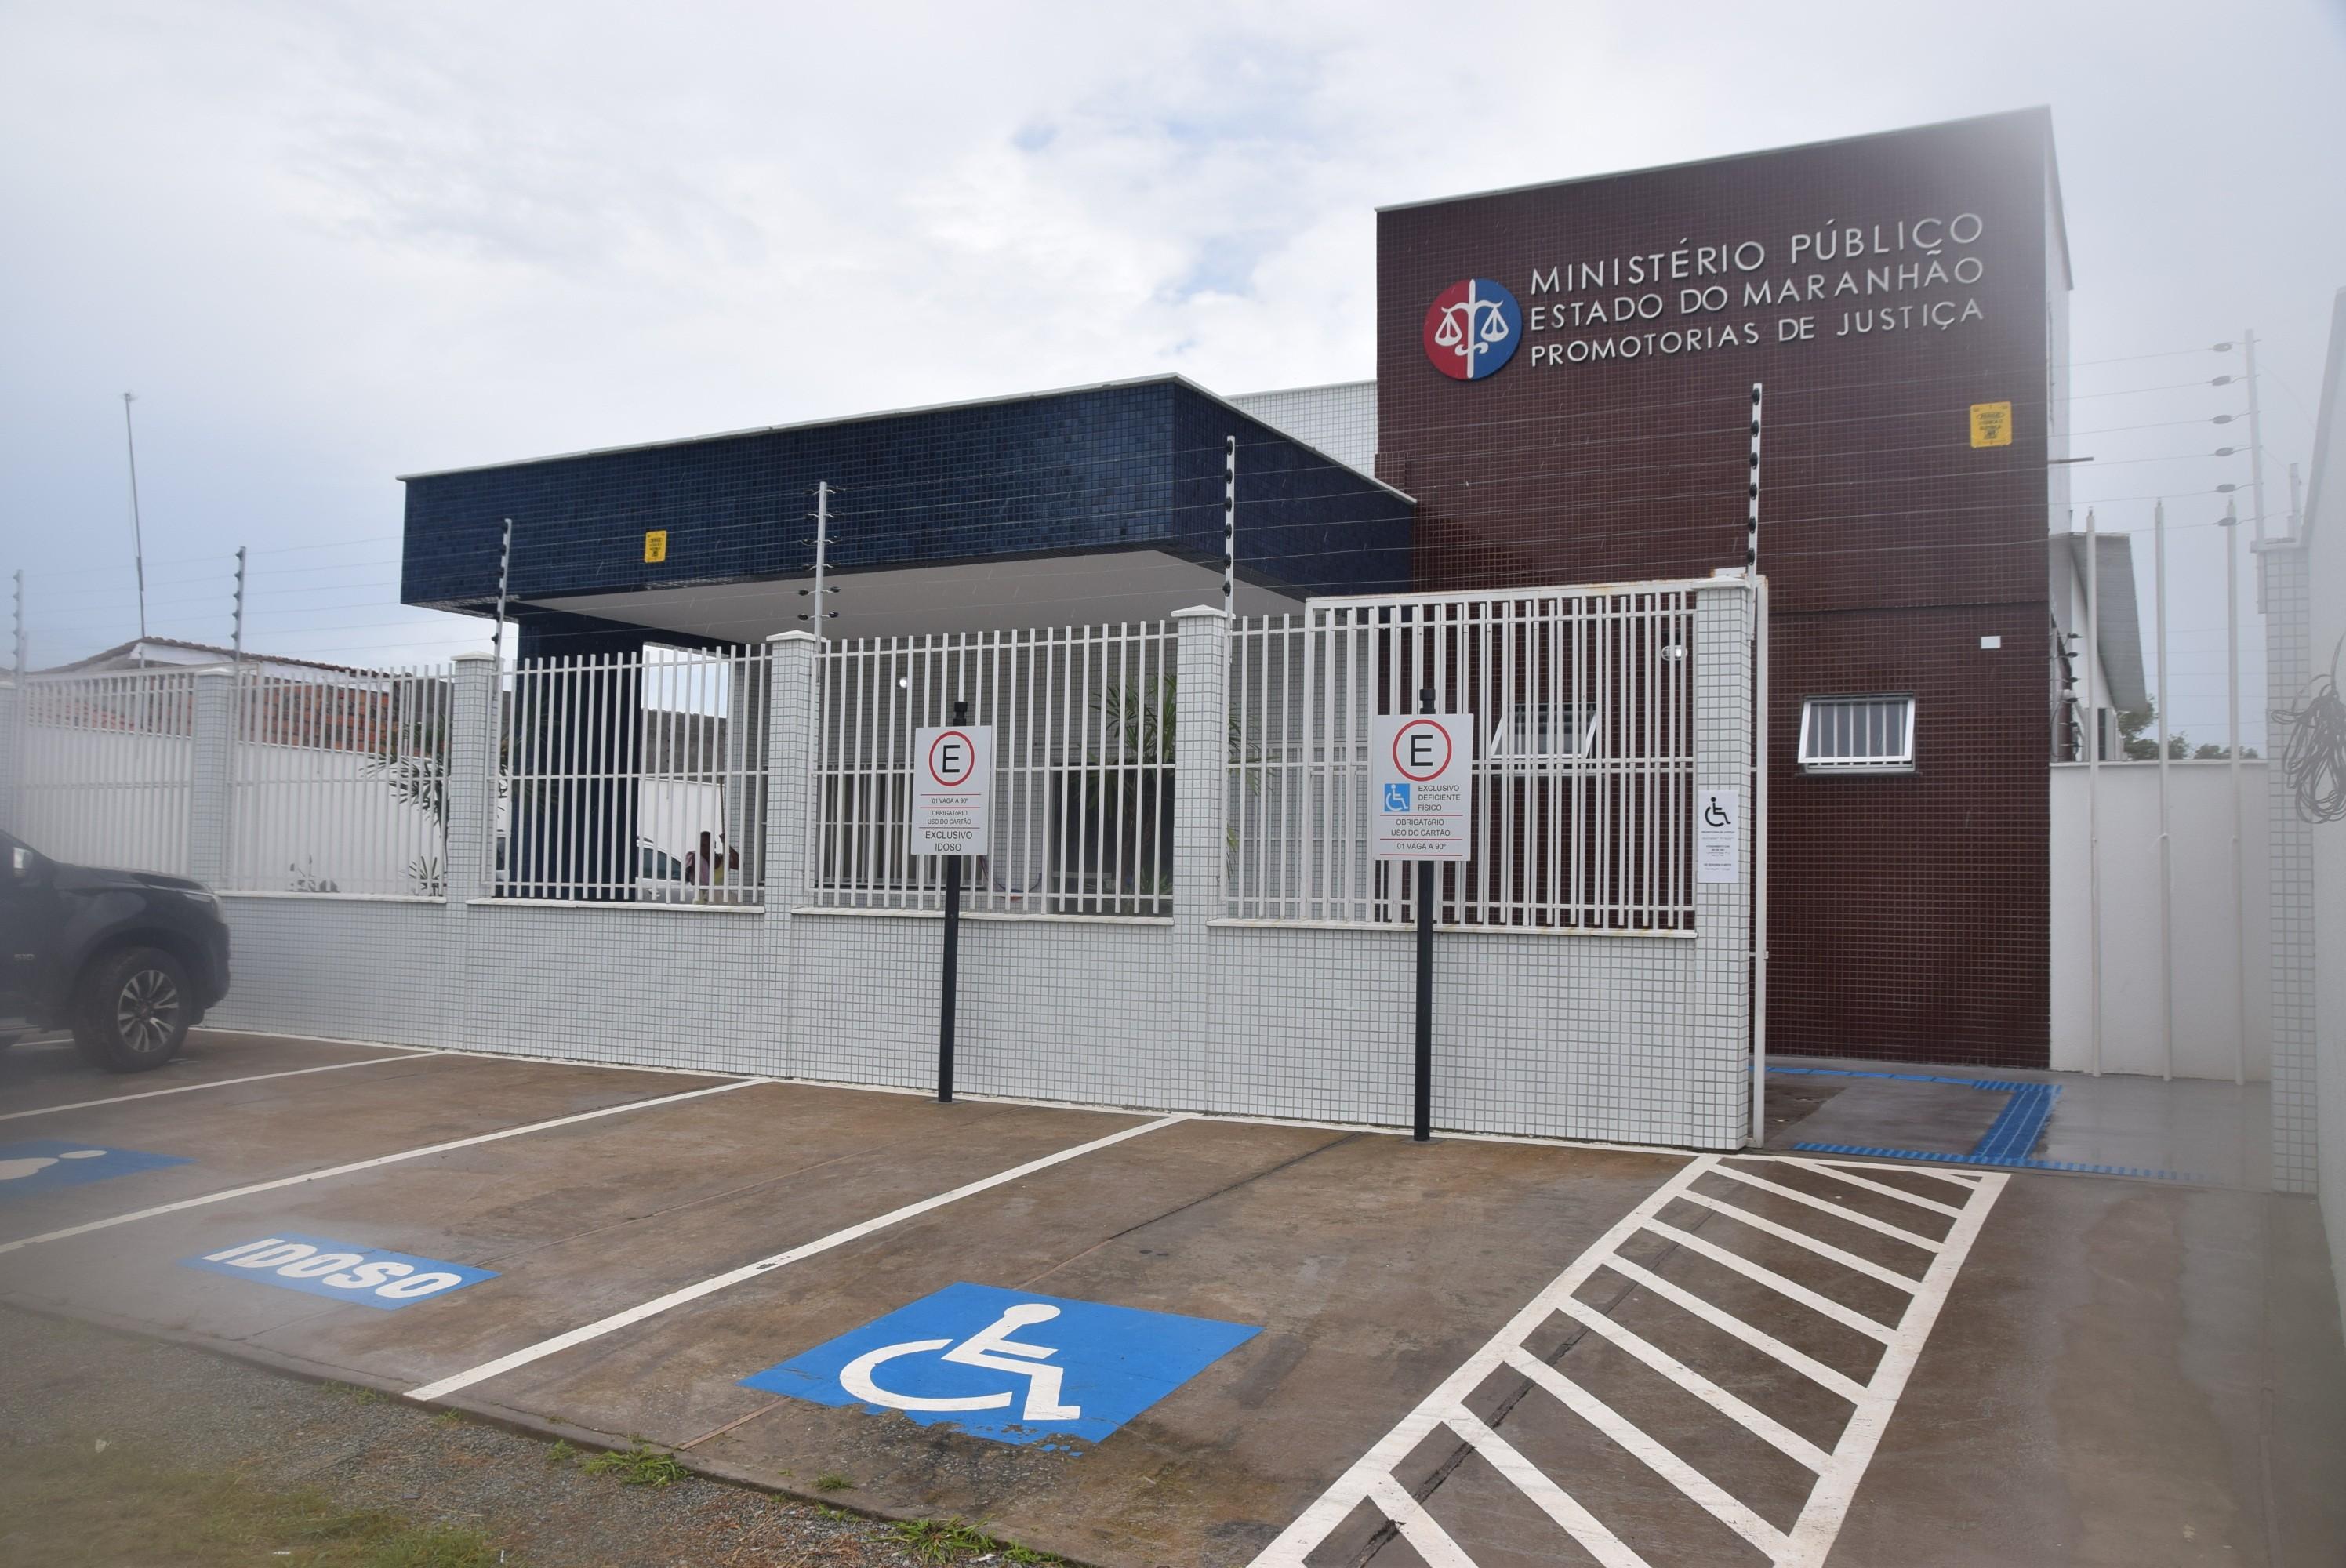 Ministério Público aponta indícios de abuso de autoridade durante abordagem policial truculenta no Maranhão